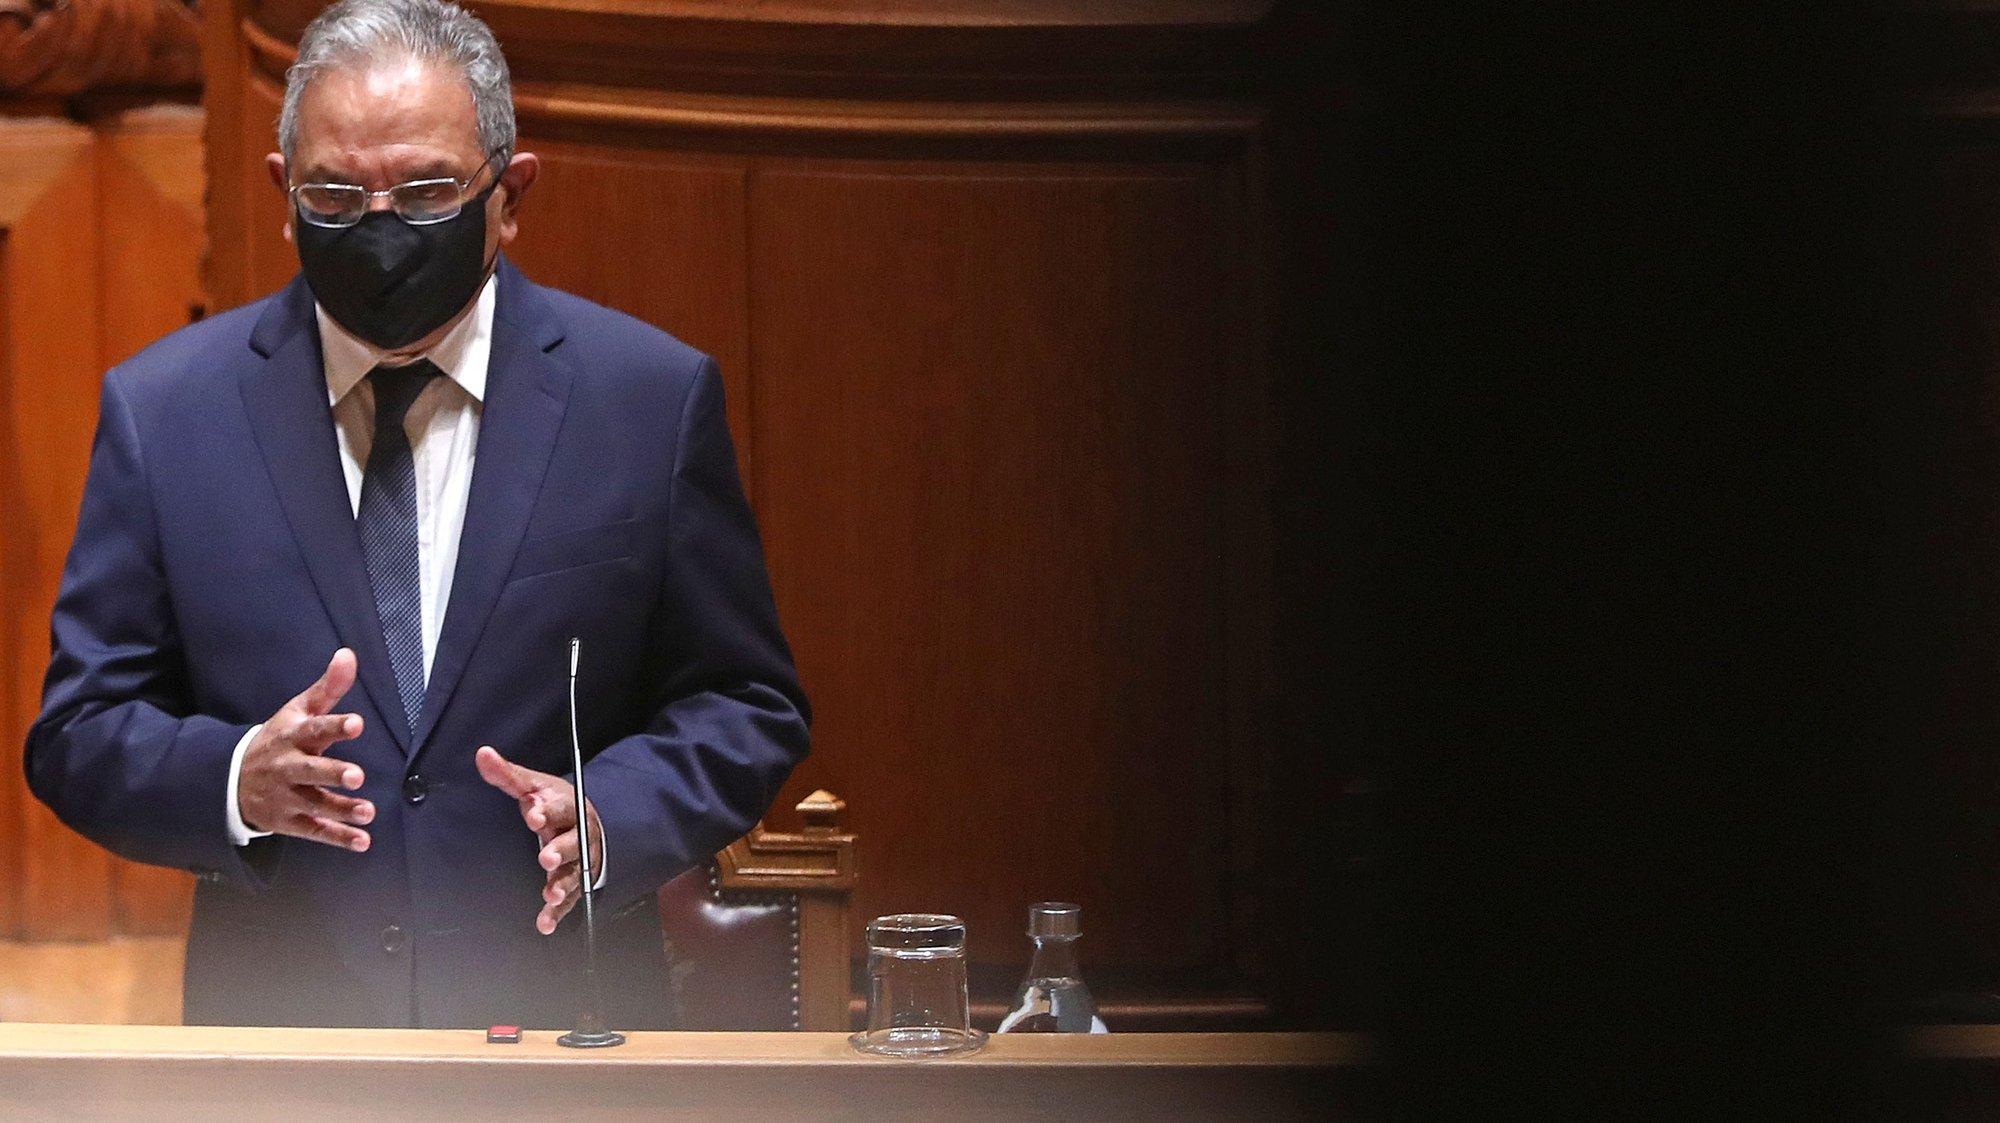 O ministro do Planeamento, Nelson de Souza fala durante a sua  audição na comissão de Orçamento e Finanças, no âmbito da apreciação, na especialidade do Orçamento do Estado para 2021, na Assembleia da República, em Lisboa, 30 de outubro de 2020. ANTÓNIO PEDRO SANTOS/LUSA